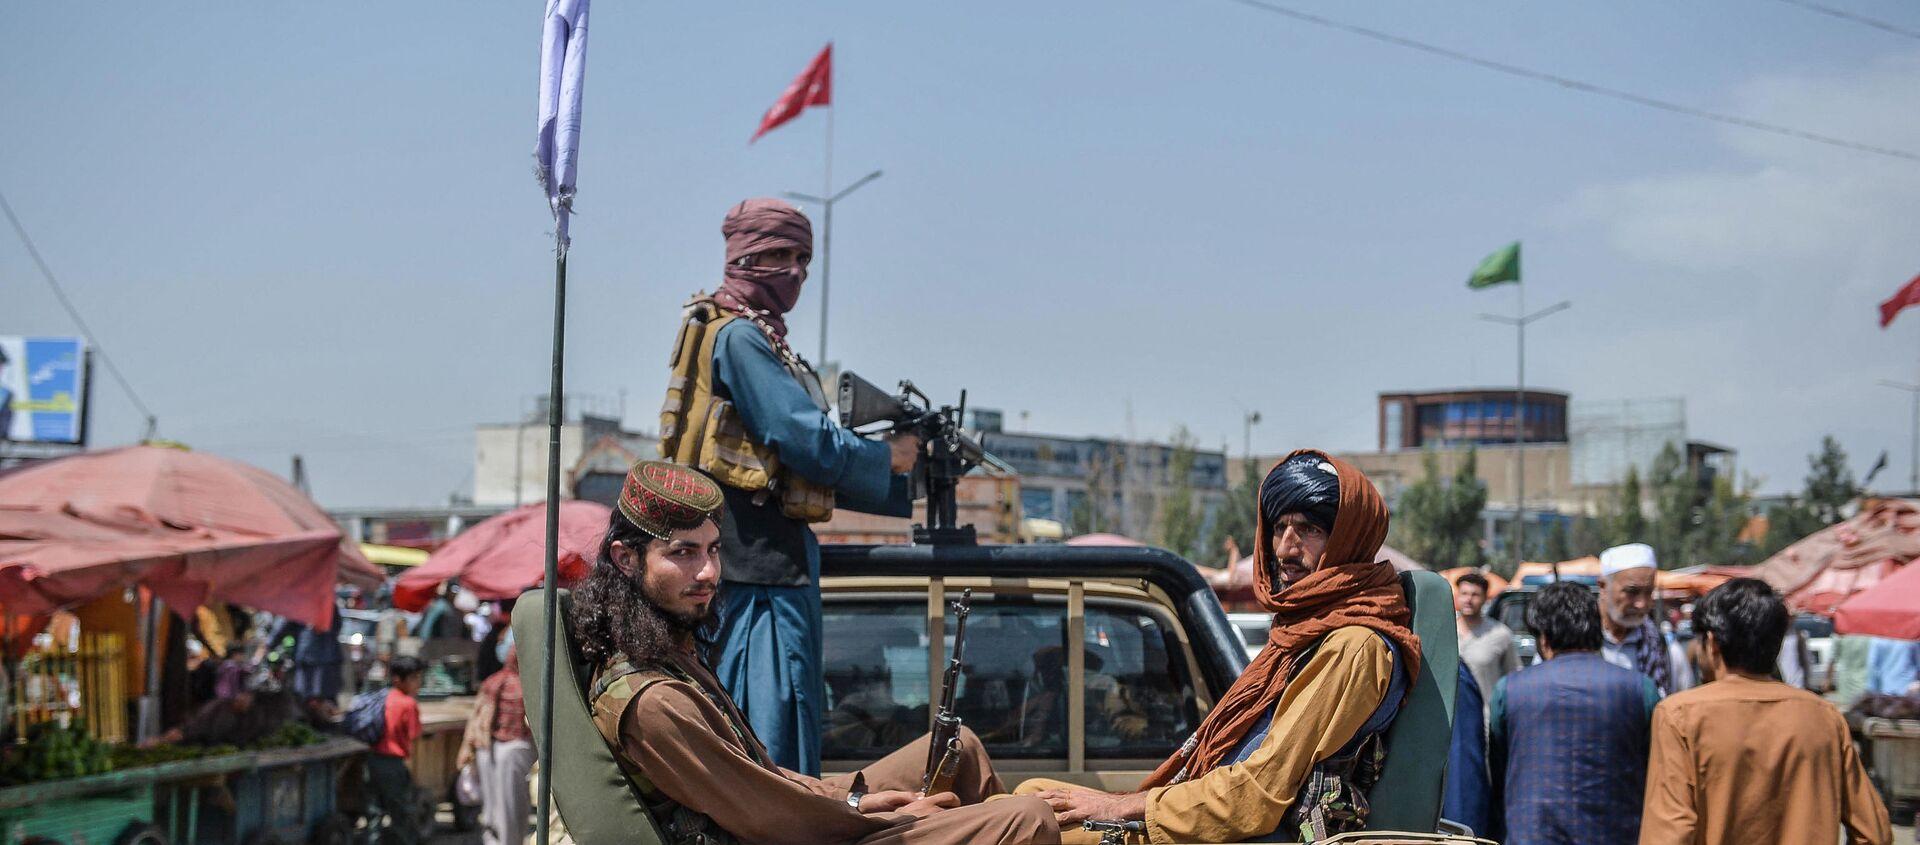 Боевики Талибана на пикапе передвигаются по рыночной площади, стекаясь с местными афганцами в районе Котэ Санги в Кабуле - Sputnik Абхазия, 1920, 17.08.2021